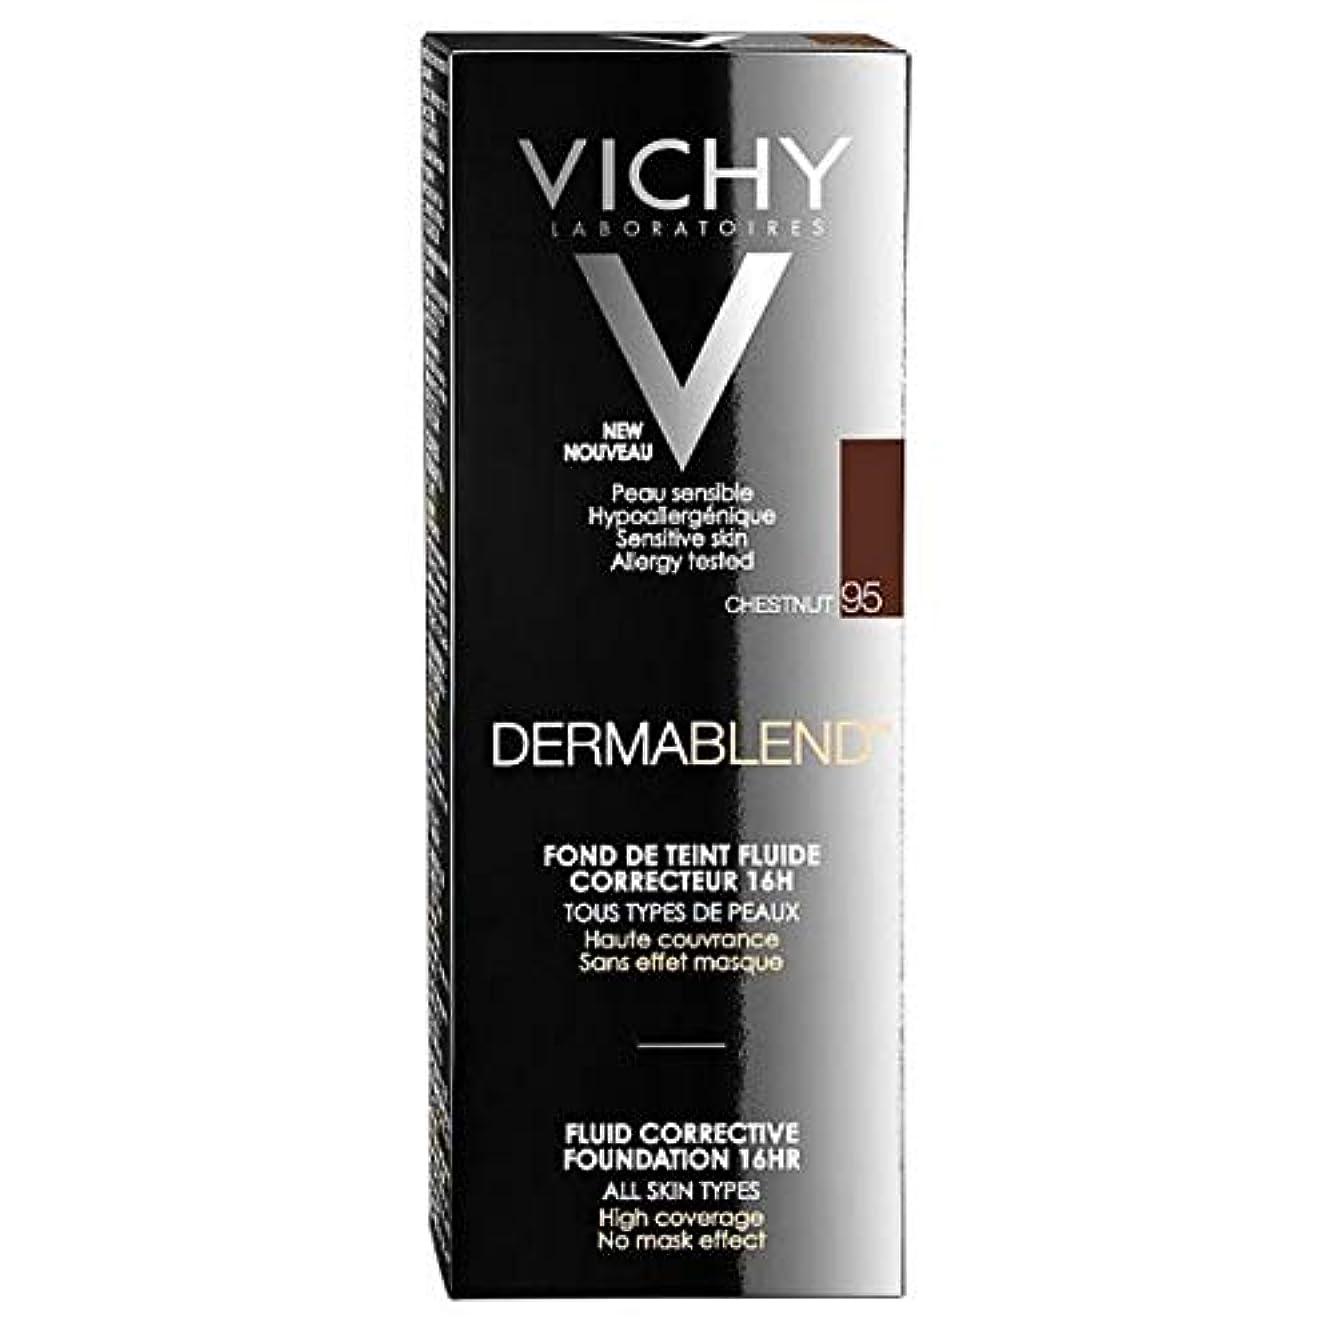 安全なぬれた傀儡[Vichy ] ヴィシーDermablend流体是正基盤95 30ミリリットル - Vichy Dermablend Fluid Corrective Foundation 95 30ml [並行輸入品]